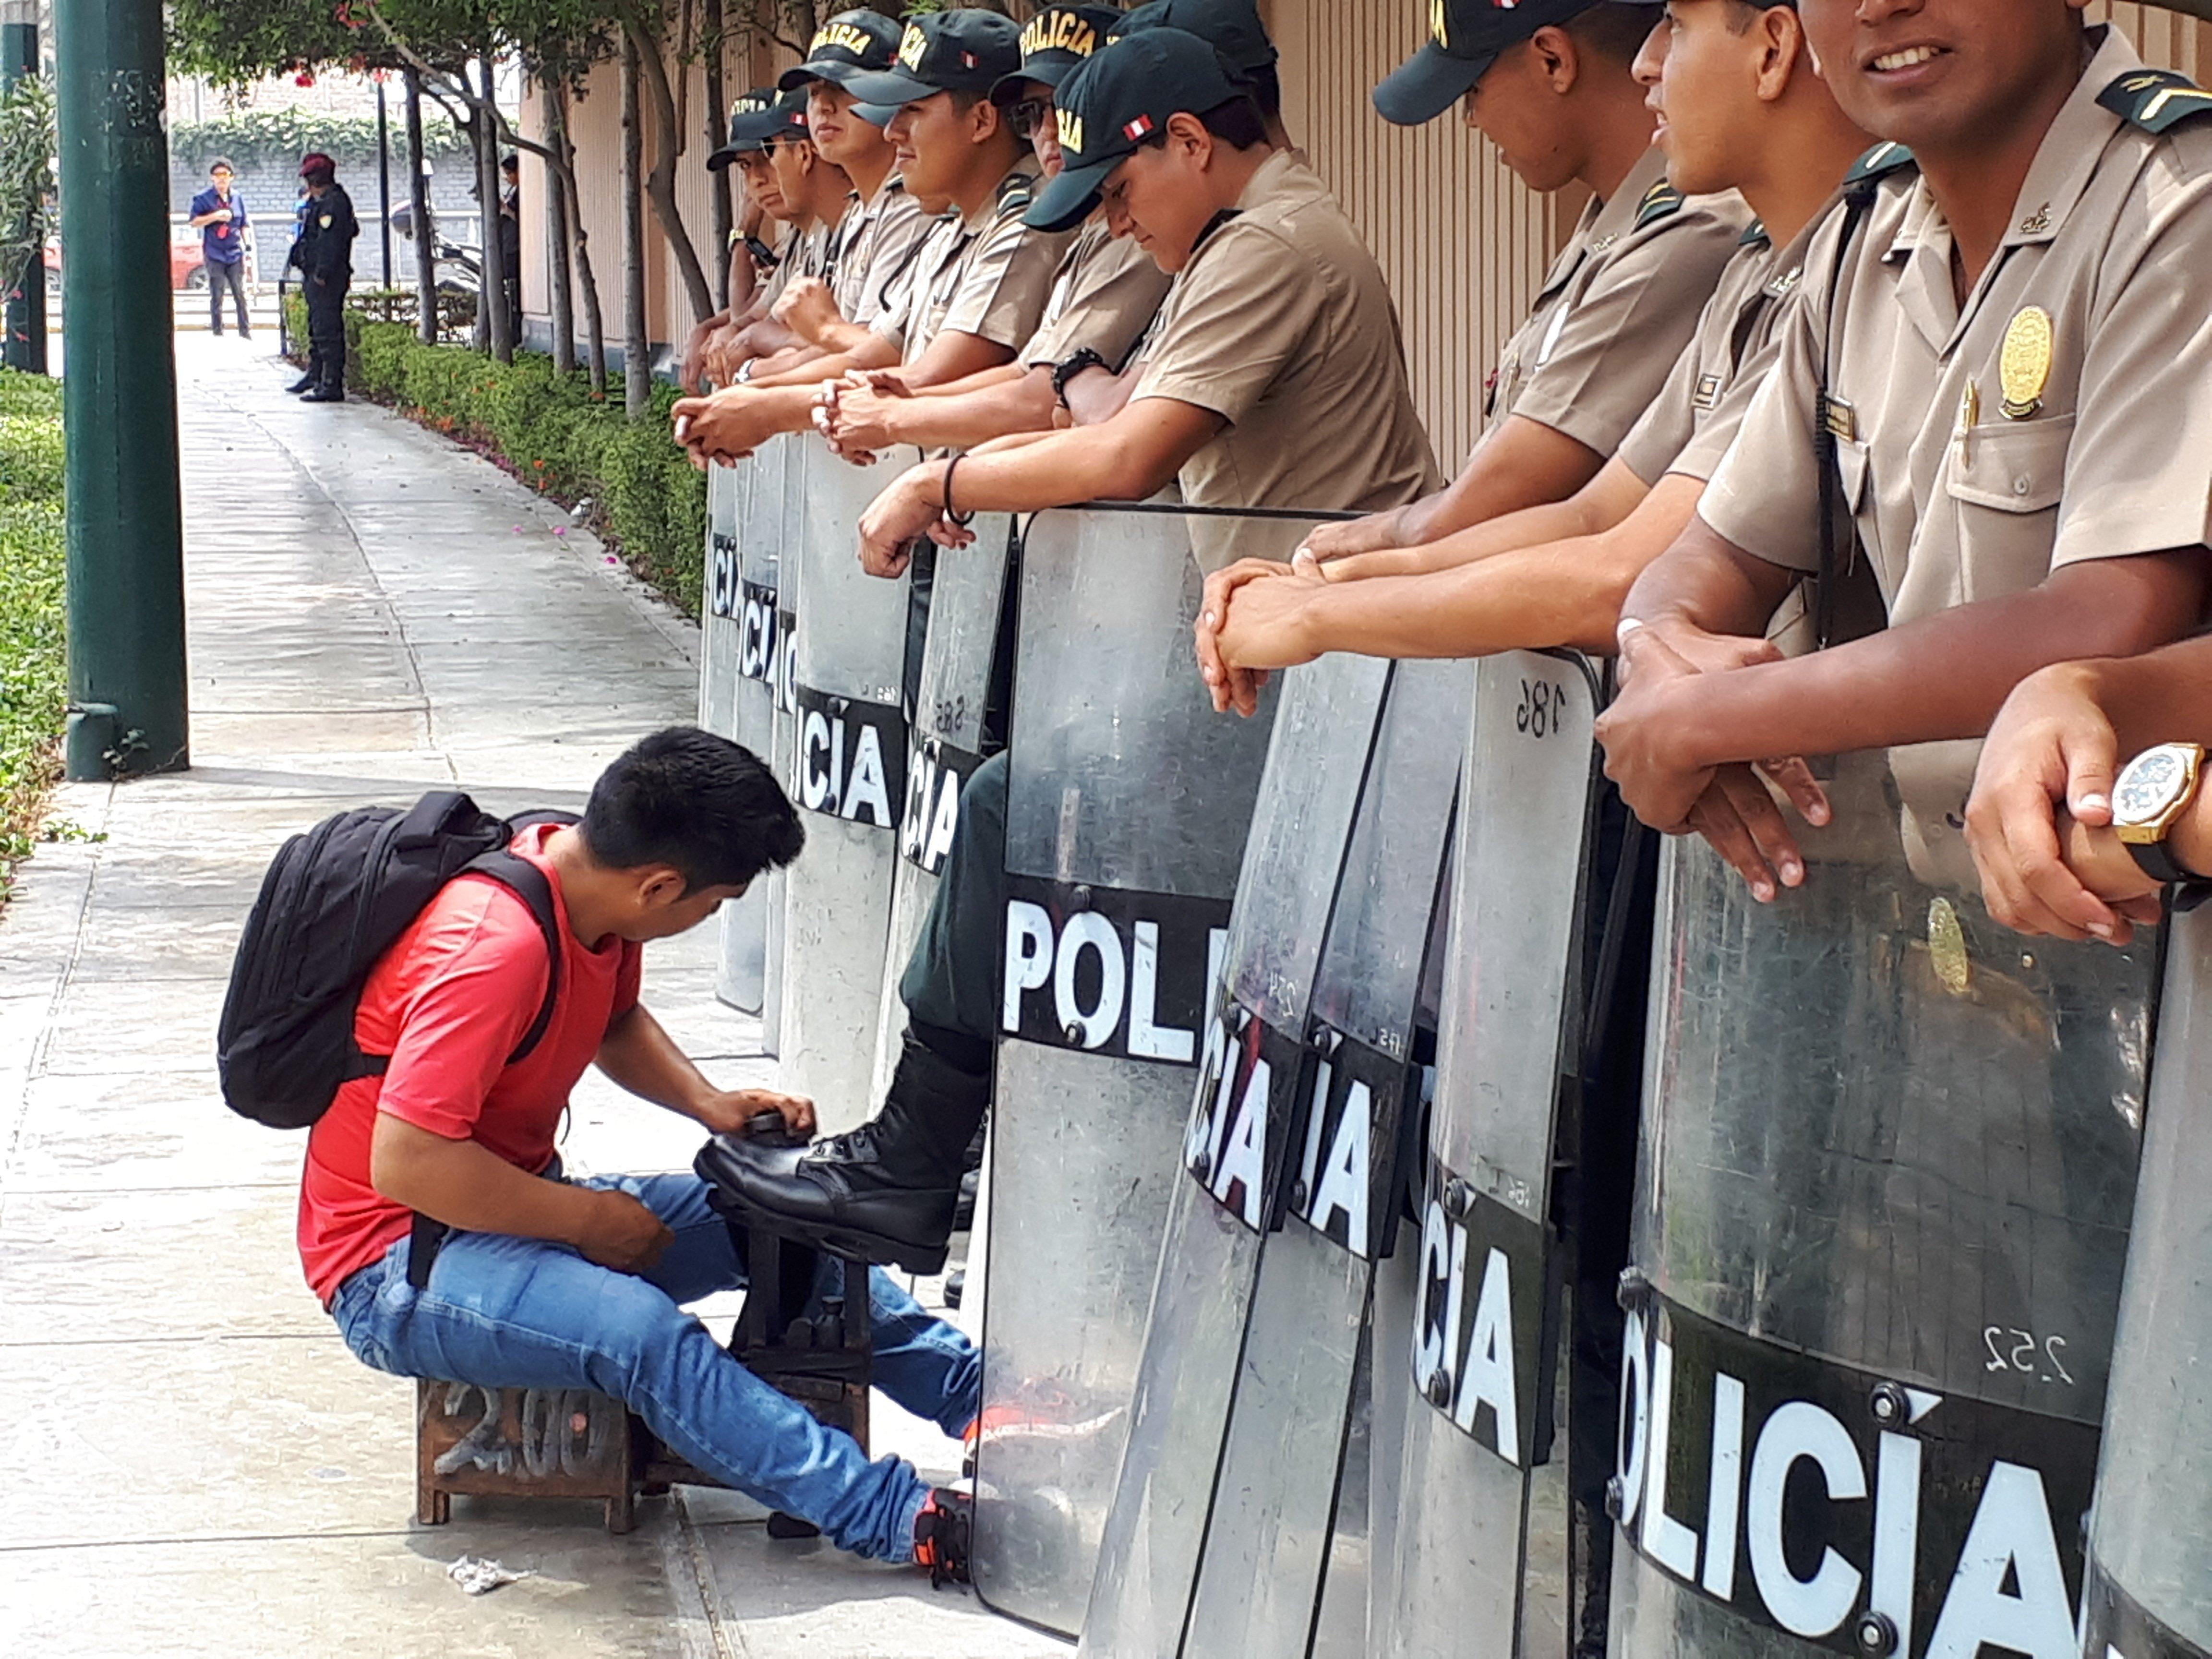 Un home neteja el calçat d'un policia als voltants de la seu de la VIII Cimera de les Amèriques, a Lima (Perú). /ELÍAS LEVY